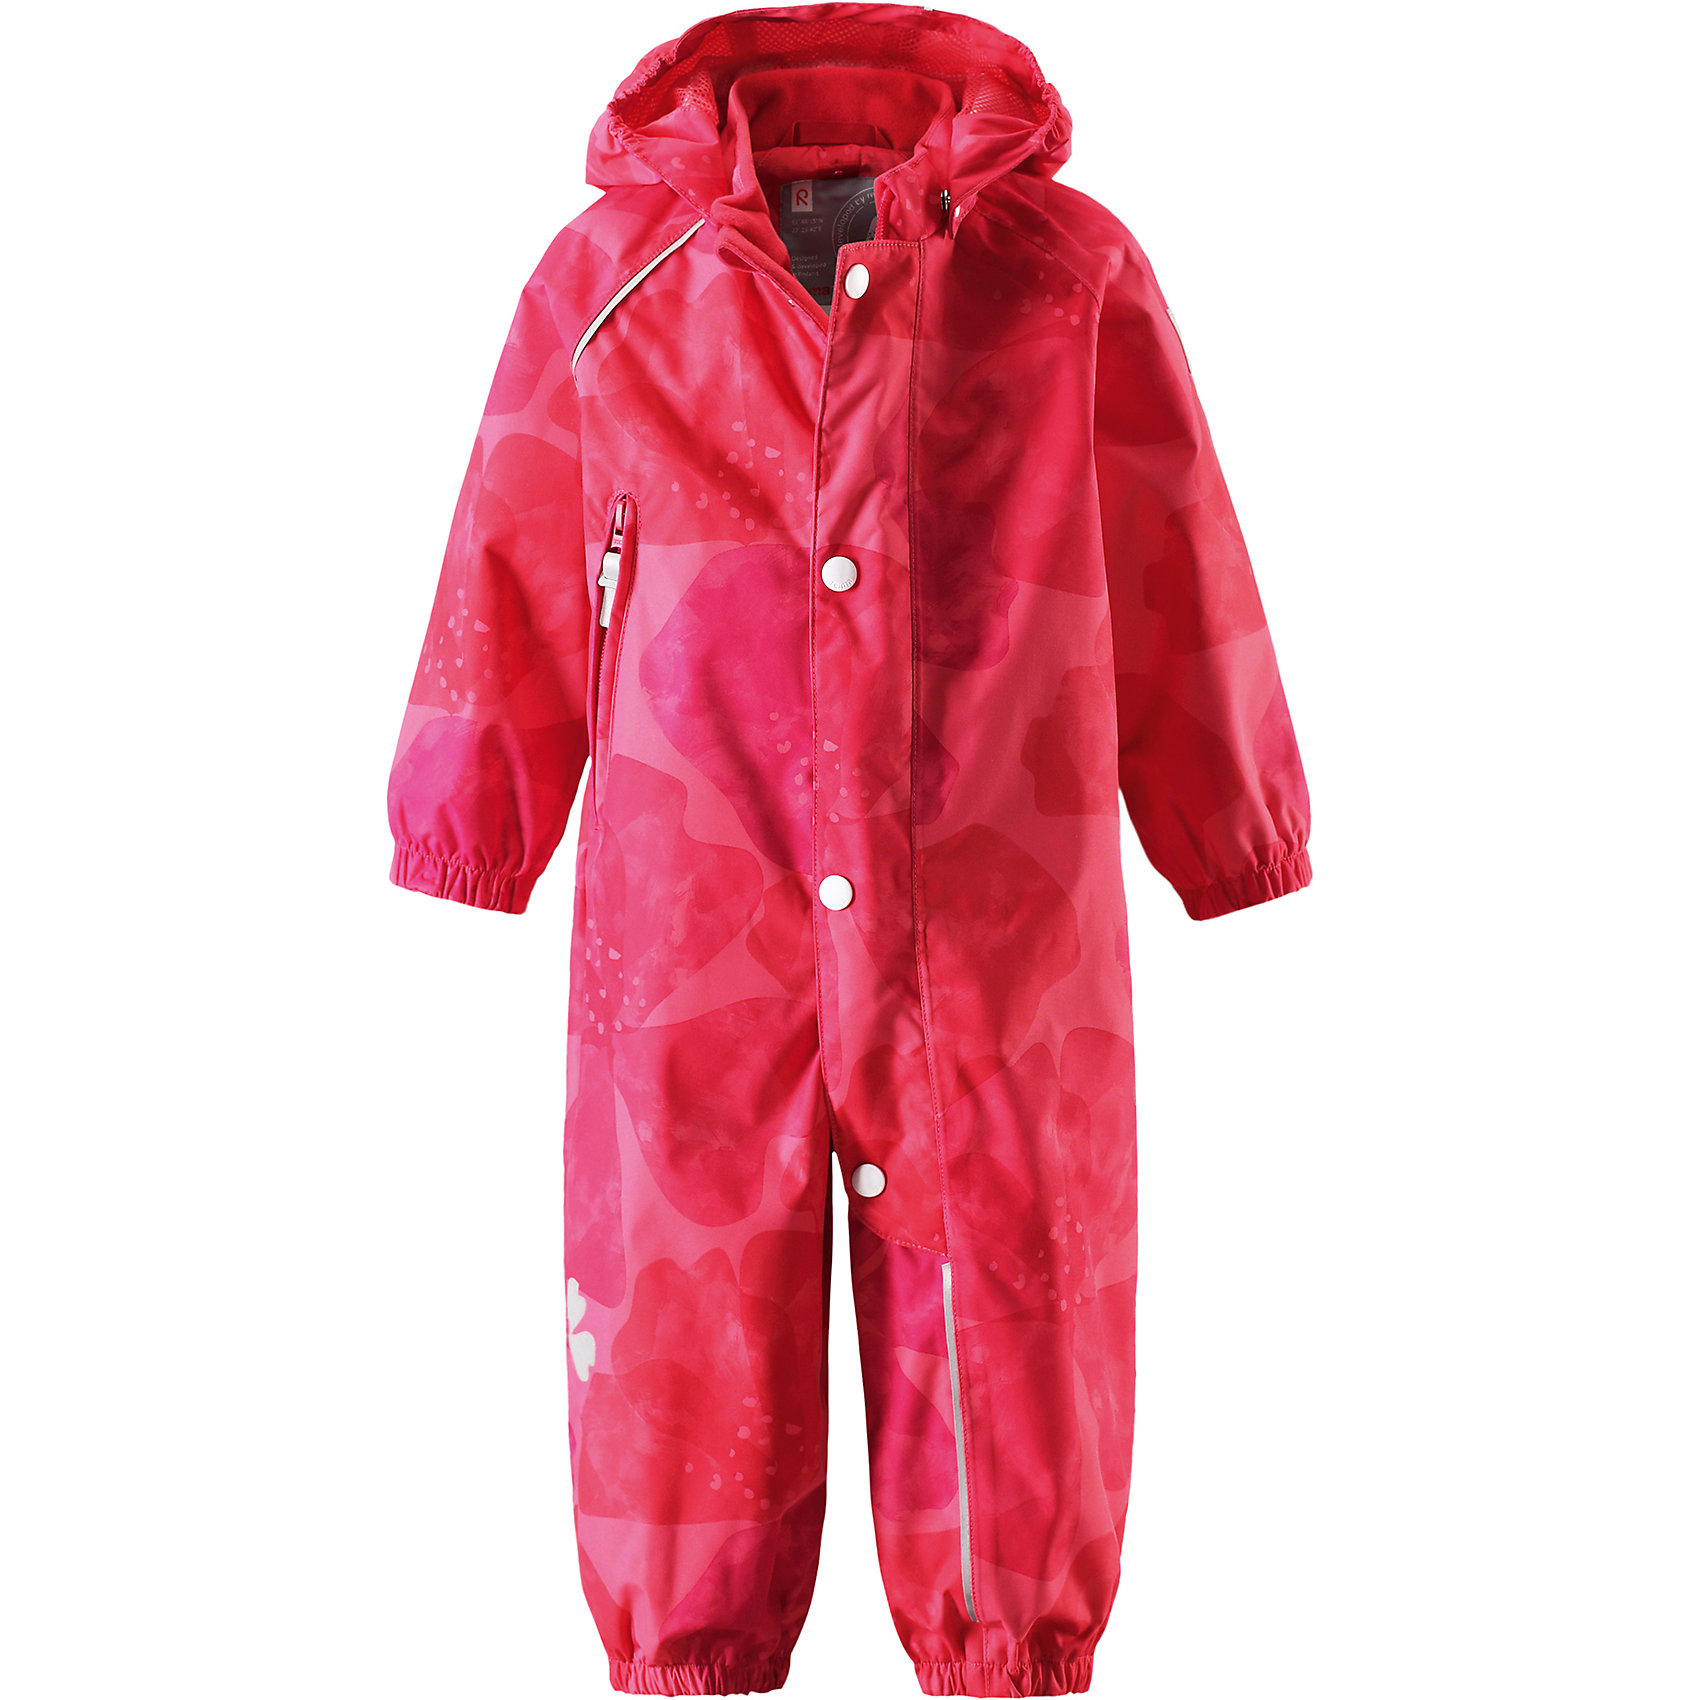 Комбинезон Nave для девочки Reimatec® ReimaВерхняя одежда<br>Характеристики товара:<br><br>• цвет: розовый/красный<br>• состав: 100% полиэстер, полиуретановое покрытие<br>• температурный режим: от +5°до +15°С<br>• водонепроницаемость: 15000 мм<br>• воздухопроницаемость: 5000 мм<br>• износостойкость: 35000 циклов (тест Мартиндейла)<br>• без утеплителя<br>• швы проклеены, водонепроницаемы<br>• водо- и ветронепроницаемый, дышащий, грязеотталкивающий материал<br>• гладкая подкладка из полиэстера по всему изделию, сетчатая подкладка на капюшоне<br>• безопасный съёмный каюшон<br>• прочные съёмные силиконовые штрипки<br>• длинная застёжка на молнии облегчает надевание<br>• эластичные манжеты<br>• карман на молнии<br>• комфортная посадка<br>• страна производства: Китай<br>• страна бренда: Финляндия<br>• коллекция: весна-лето 2017<br><br>Верхняя одежда для детей может быть модной и комфортной одновременно! Демисезонный комбинезон поможет обеспечить ребенку комфорт и тепло. Он отлично смотрится с различной обувью. Изделие удобно сидит и модно выглядит. Материал - прочный, хорошо подходящий для межсезонья, водо- и ветронепроницаемый, «дышащий». Стильный дизайн разрабатывался специально для детей.<br><br>Одежда и обувь от финского бренда Reima пользуется популярностью во многих странах. Эти изделия стильные, качественные и удобные. Для производства продукции используются только безопасные, проверенные материалы и фурнитура. Порадуйте ребенка модными и красивыми вещами от Reima! <br><br>Комбинезон для девочки Reimatec® от финского бренда Reima (Рейма) можно купить в нашем интернет-магазине.<br><br>Ширина мм: 356<br>Глубина мм: 10<br>Высота мм: 245<br>Вес г: 519<br>Цвет: розовый<br>Возраст от месяцев: 12<br>Возраст до месяцев: 18<br>Пол: Женский<br>Возраст: Детский<br>Размер: 86,80,98,74,92<br>SKU: 5265634